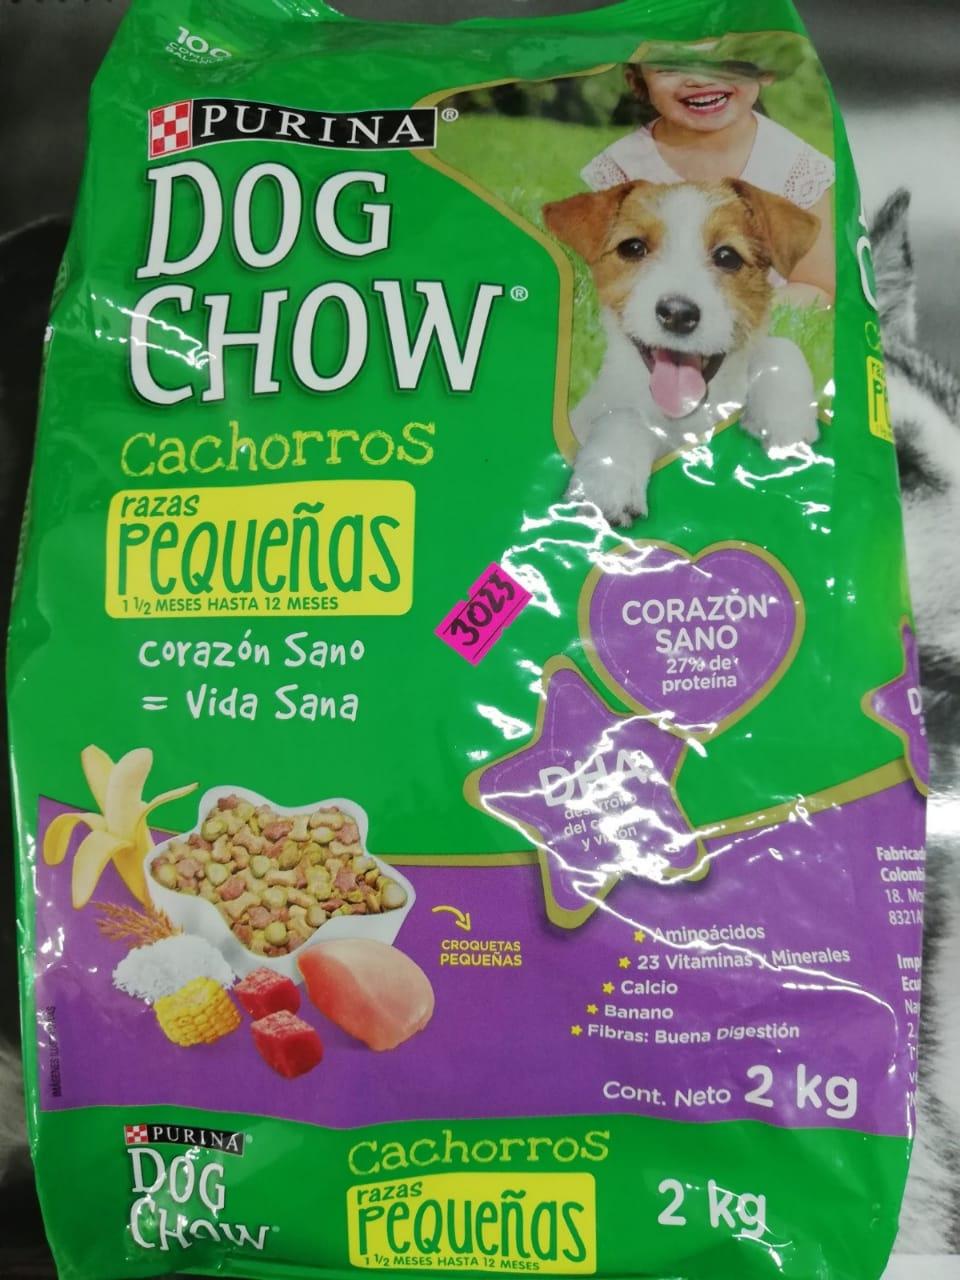 DOG CHOW CACH R. PEQ. X 2 KG